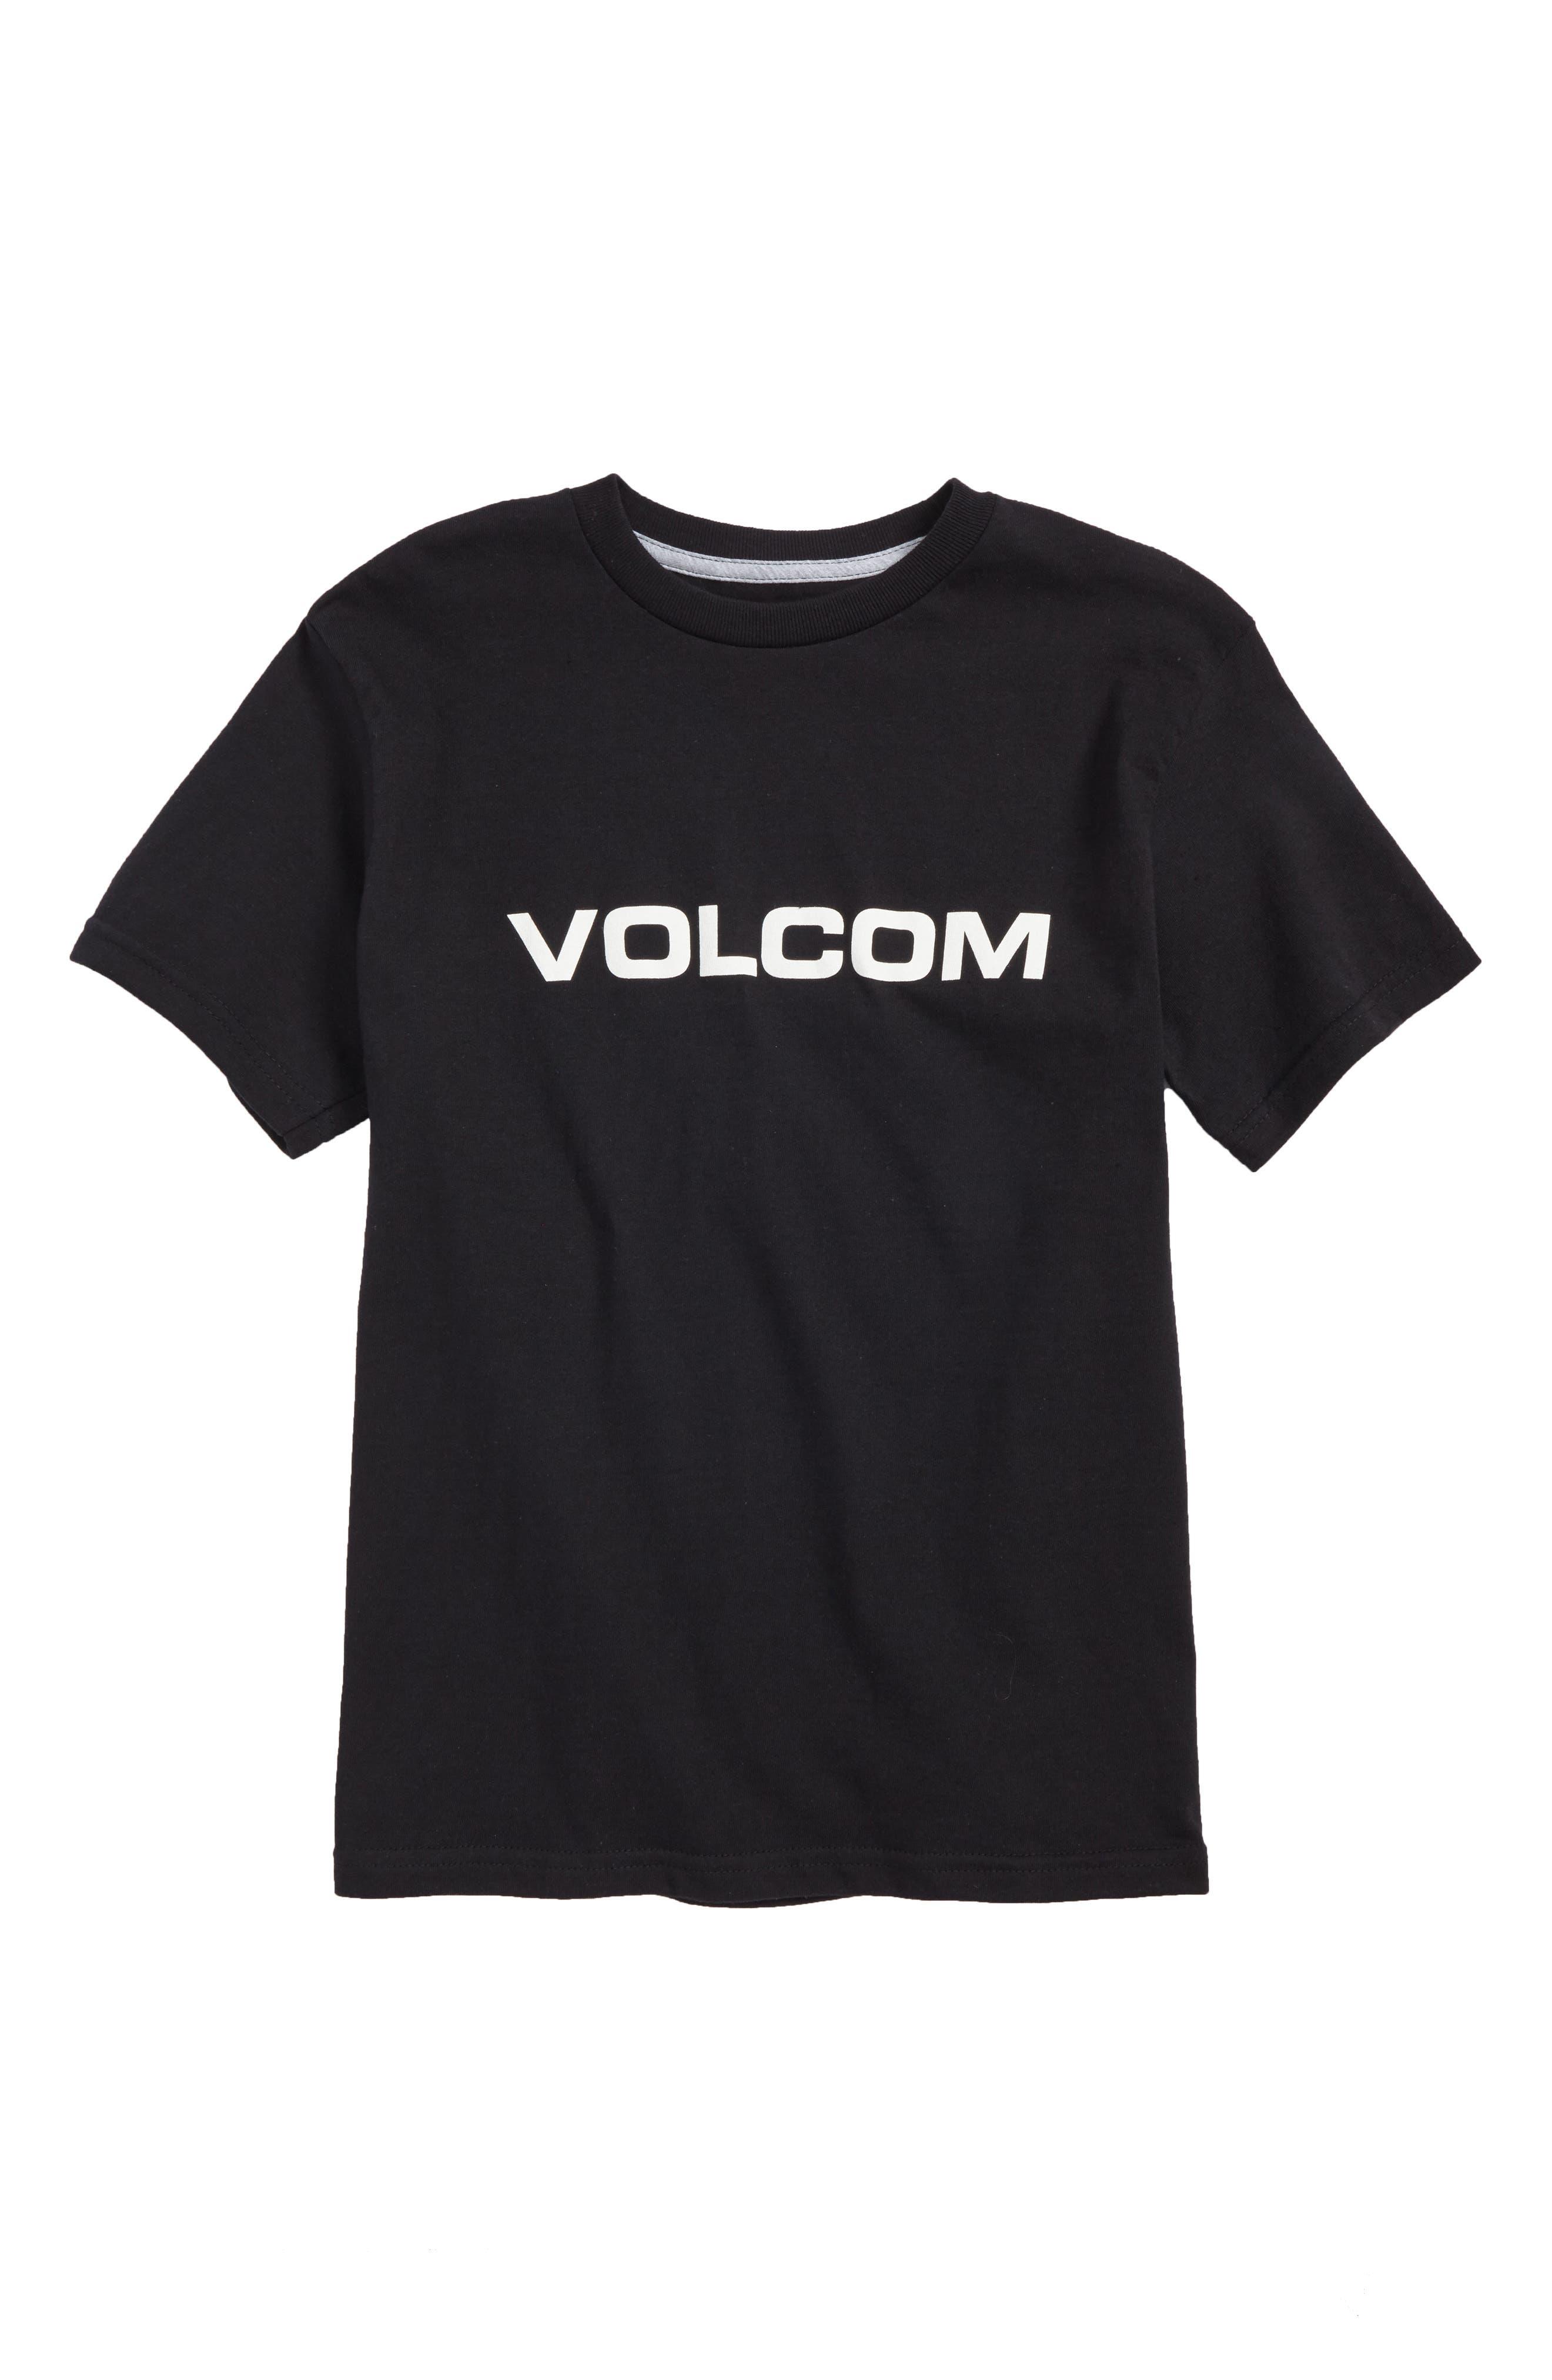 Volcom Crisp Euro T-Shirt (Big Boys)